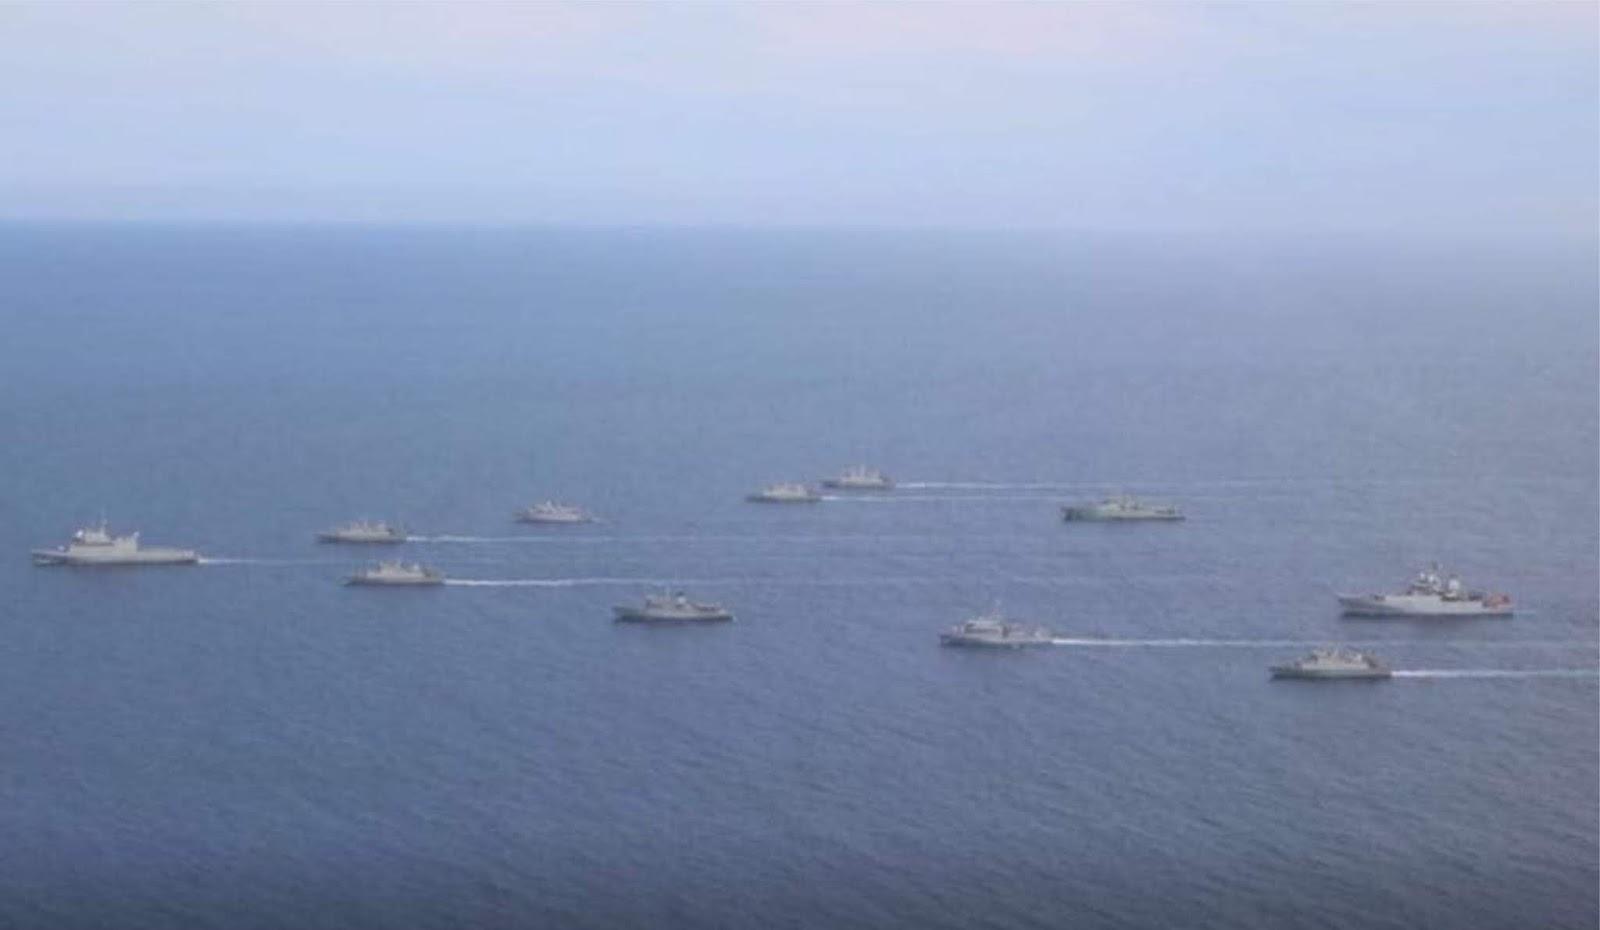 Stoltenberg mengumumkan kemungkinan peningkatan kehadiran NATO di Laut Hitam